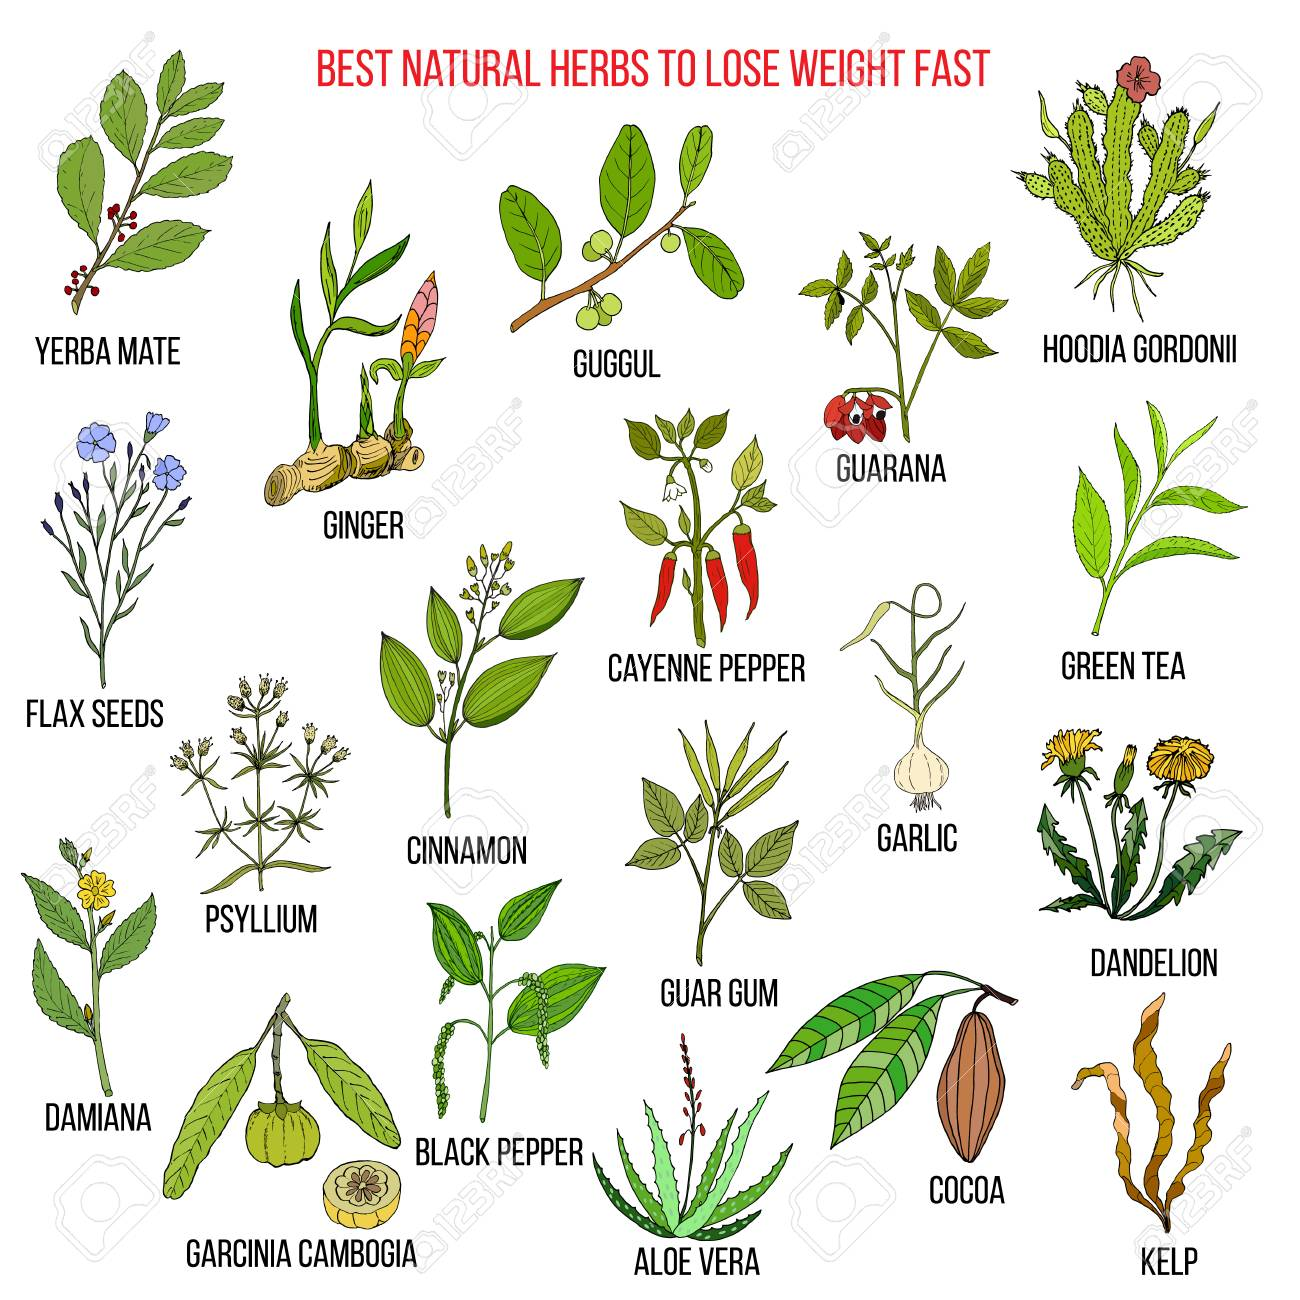 Planta natural para bajar de peso